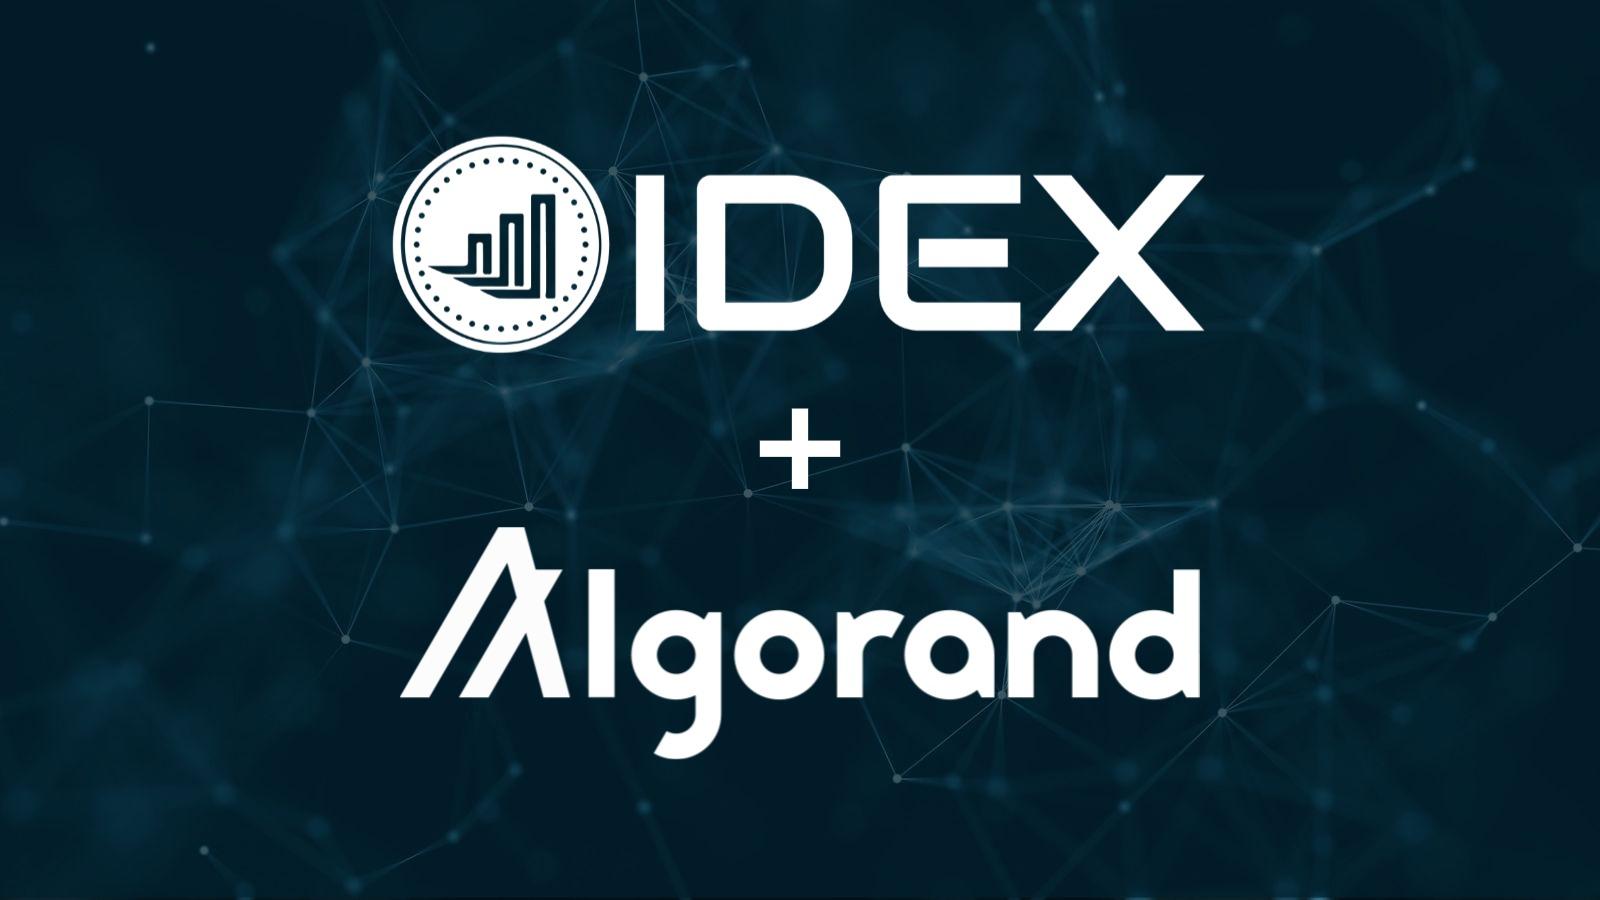 IDEX Algorand Announcement.jpg